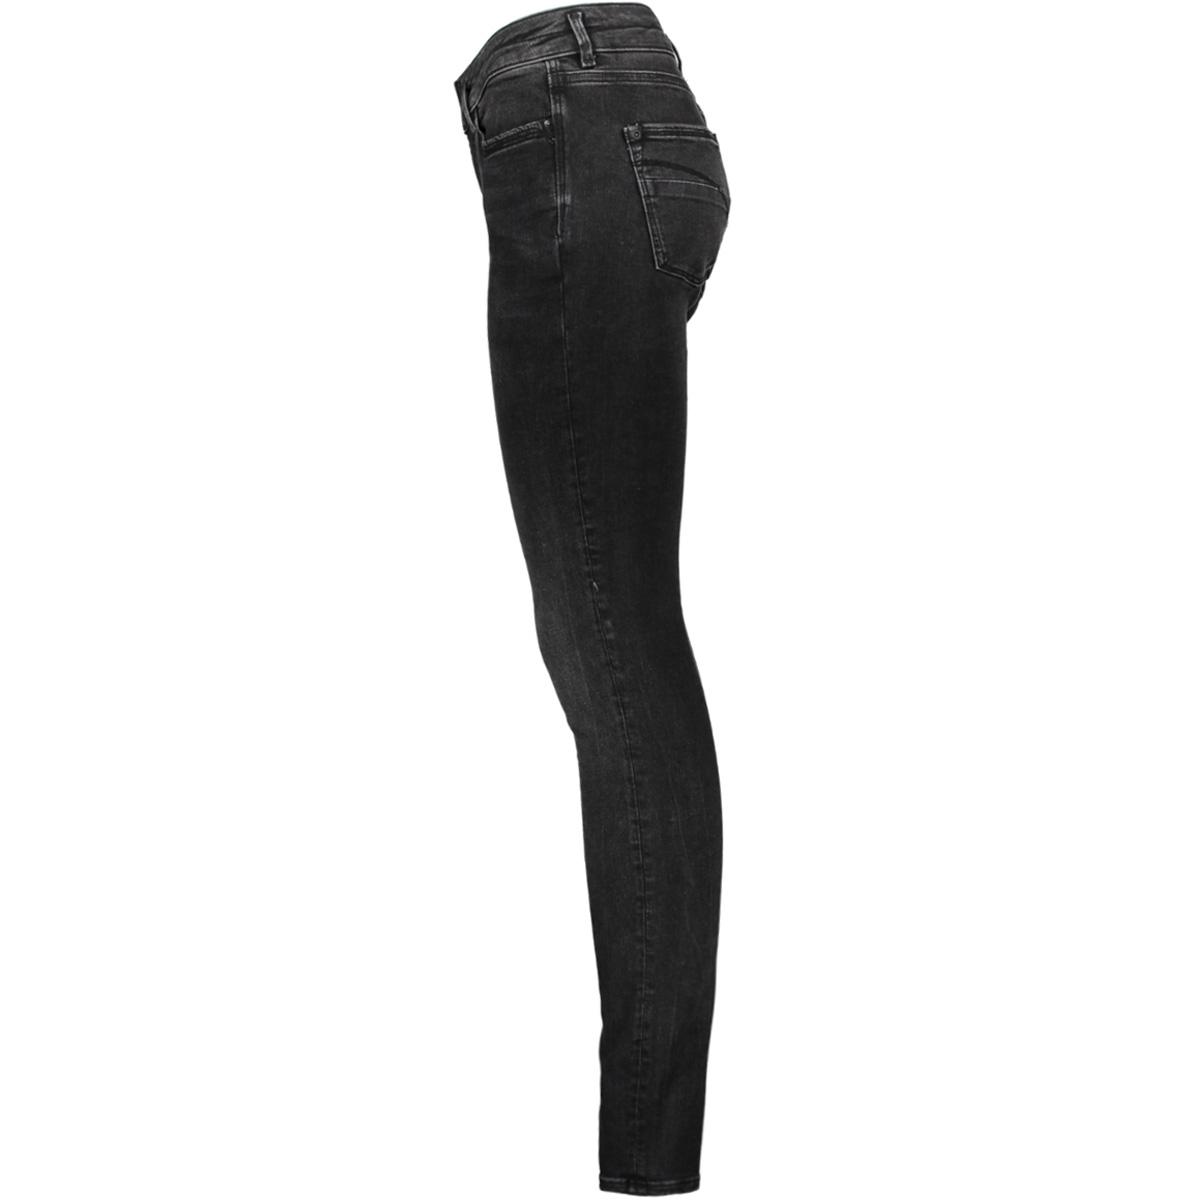 279 rachelle garcia jeans 7839 coal denim